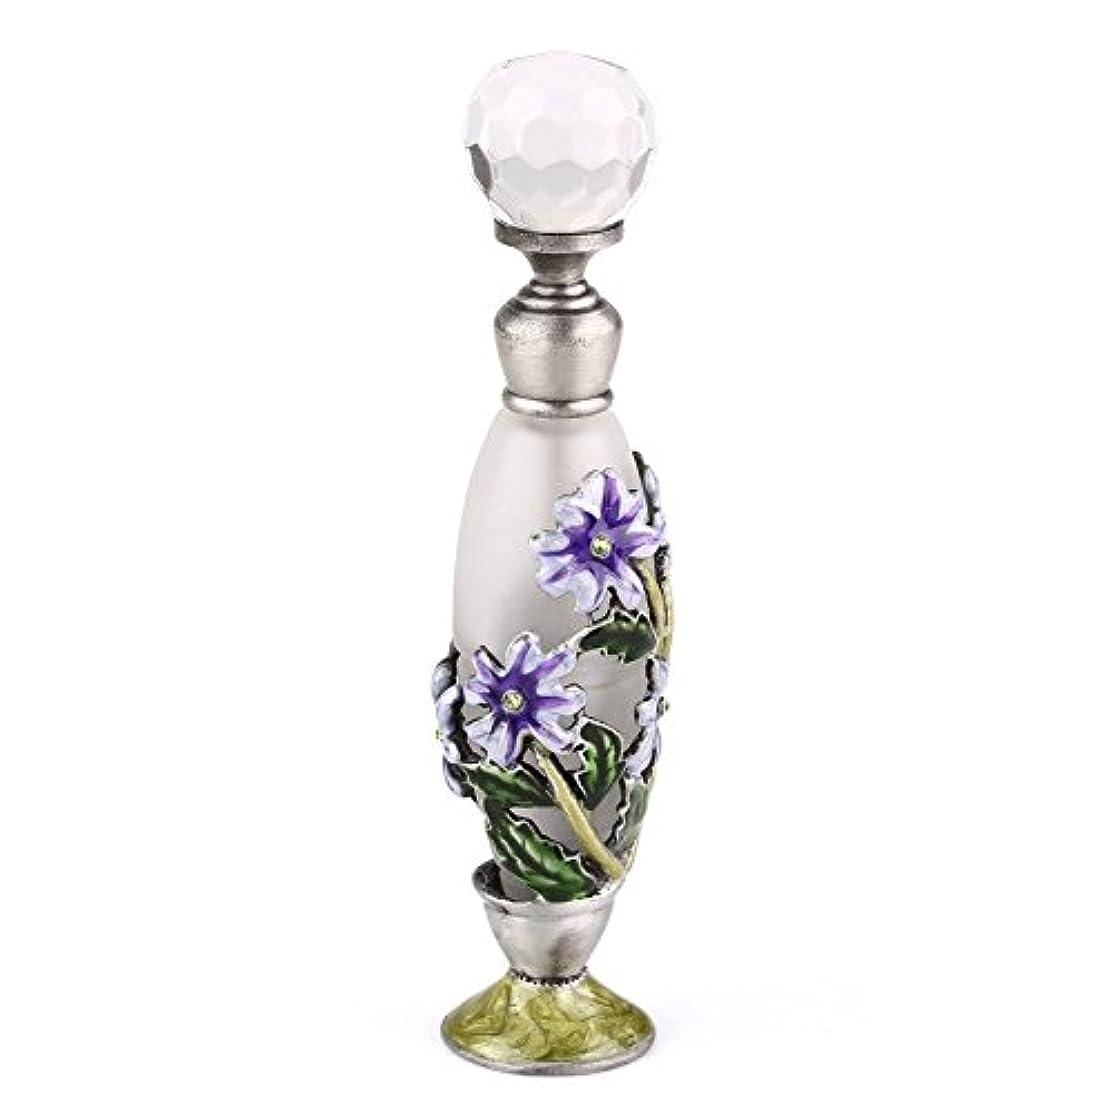 異邦人ドレインみなす高品質 美しい香水瓶 7ML 小型ガラスアロマボトル フラワー 綺麗アンティーク調欧風デザイン プレゼント 結婚式 飾り